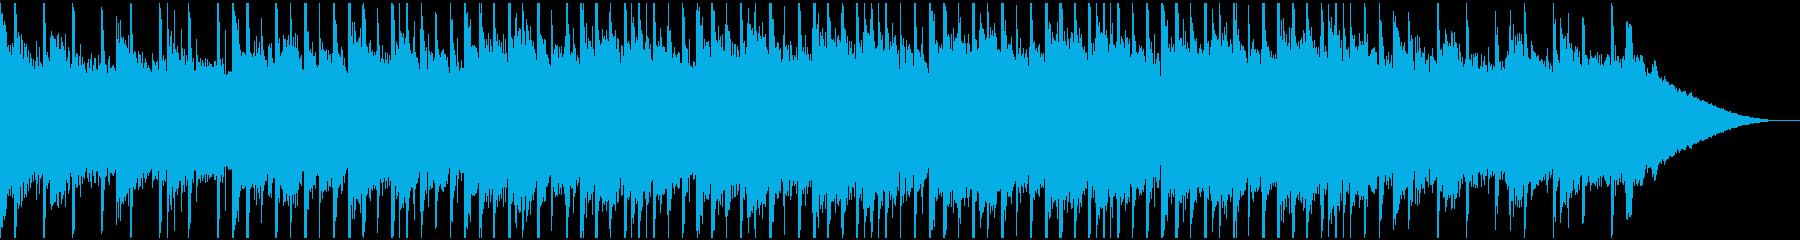 60秒,企業VP29コーポレート,軽快の再生済みの波形